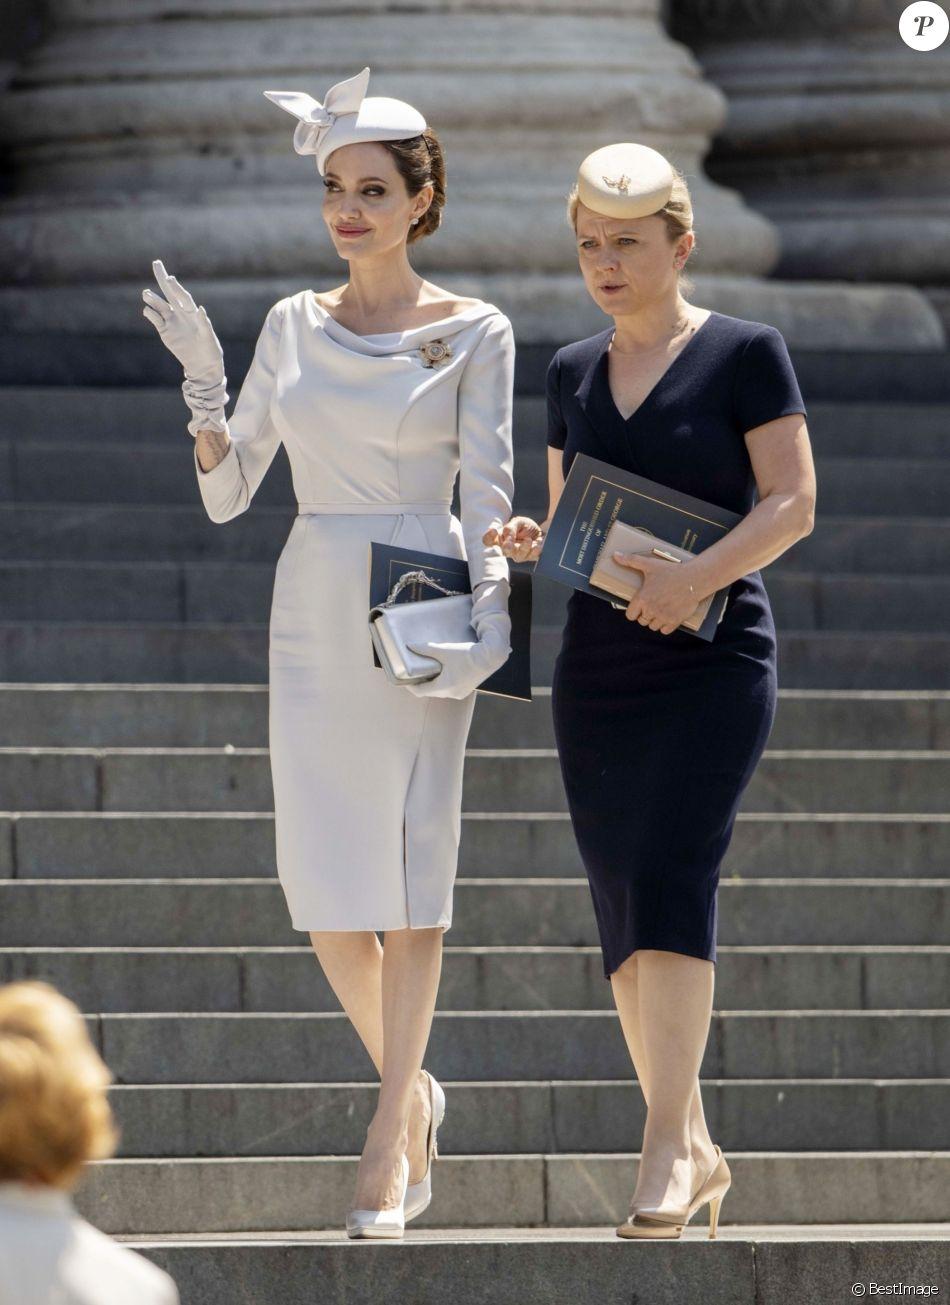 Angelina Jolie a assisté à la messe en l'honneur du 200ème anniversaire de l'Ordre de Saint-Michel et Saint-Georges à la cathédrale Saint Paul de Londres, le 28 juin 2018.